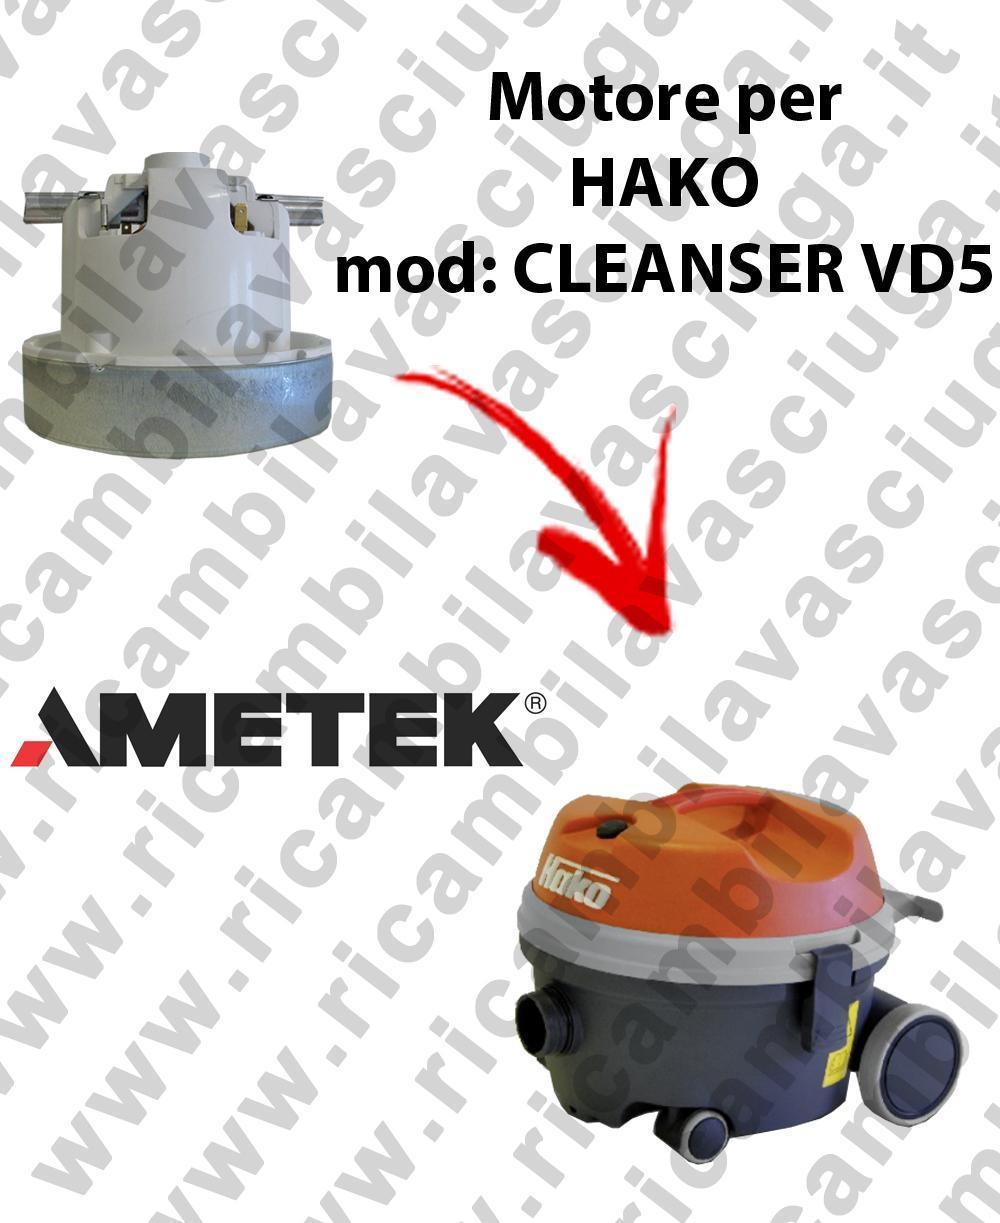 CLEANSER VD5 Saugmotor AMETEK für Staubsauger HAKO